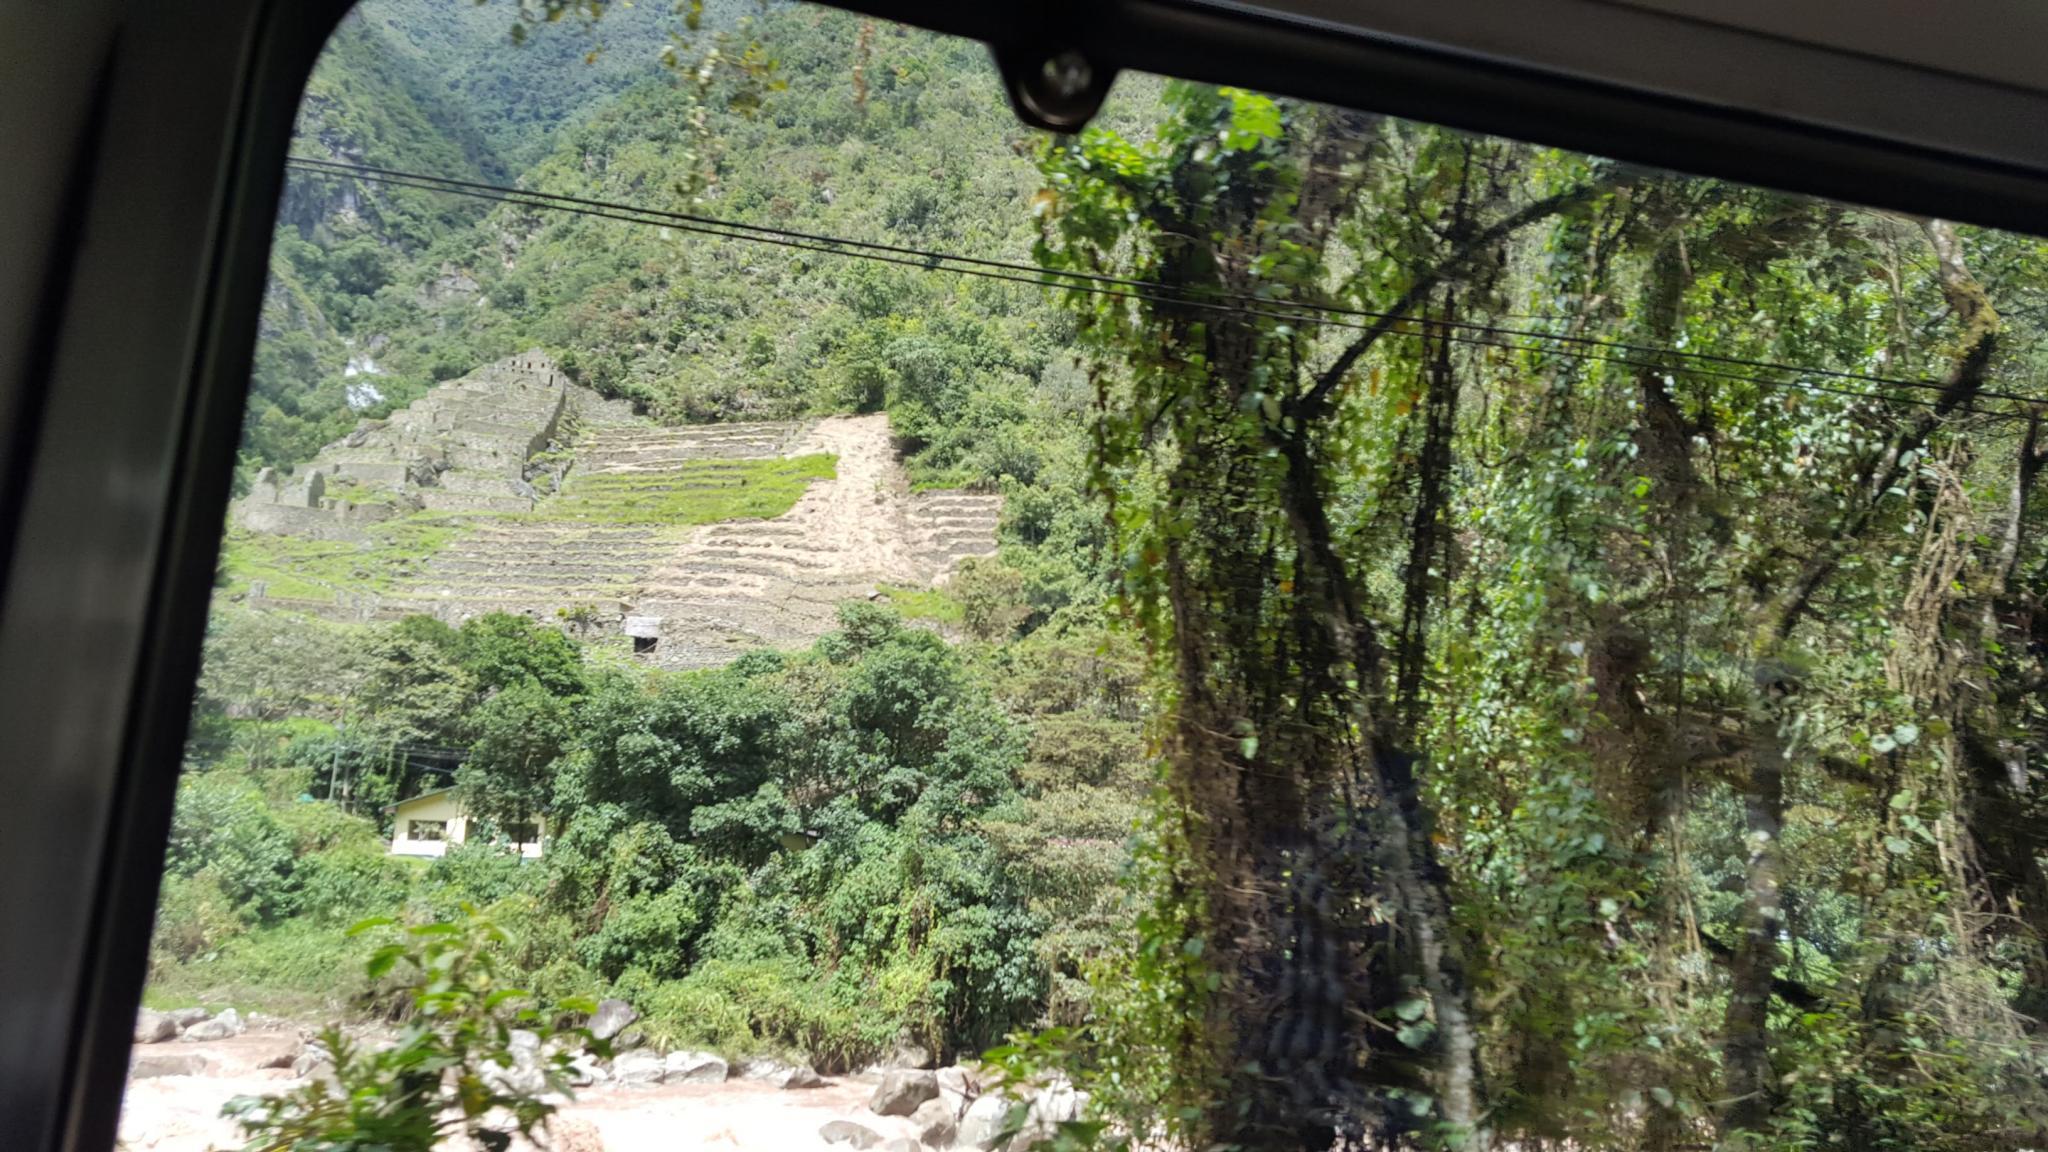 Peru: Lima, Cusco and Machu Picchu-ruins-train-jpg